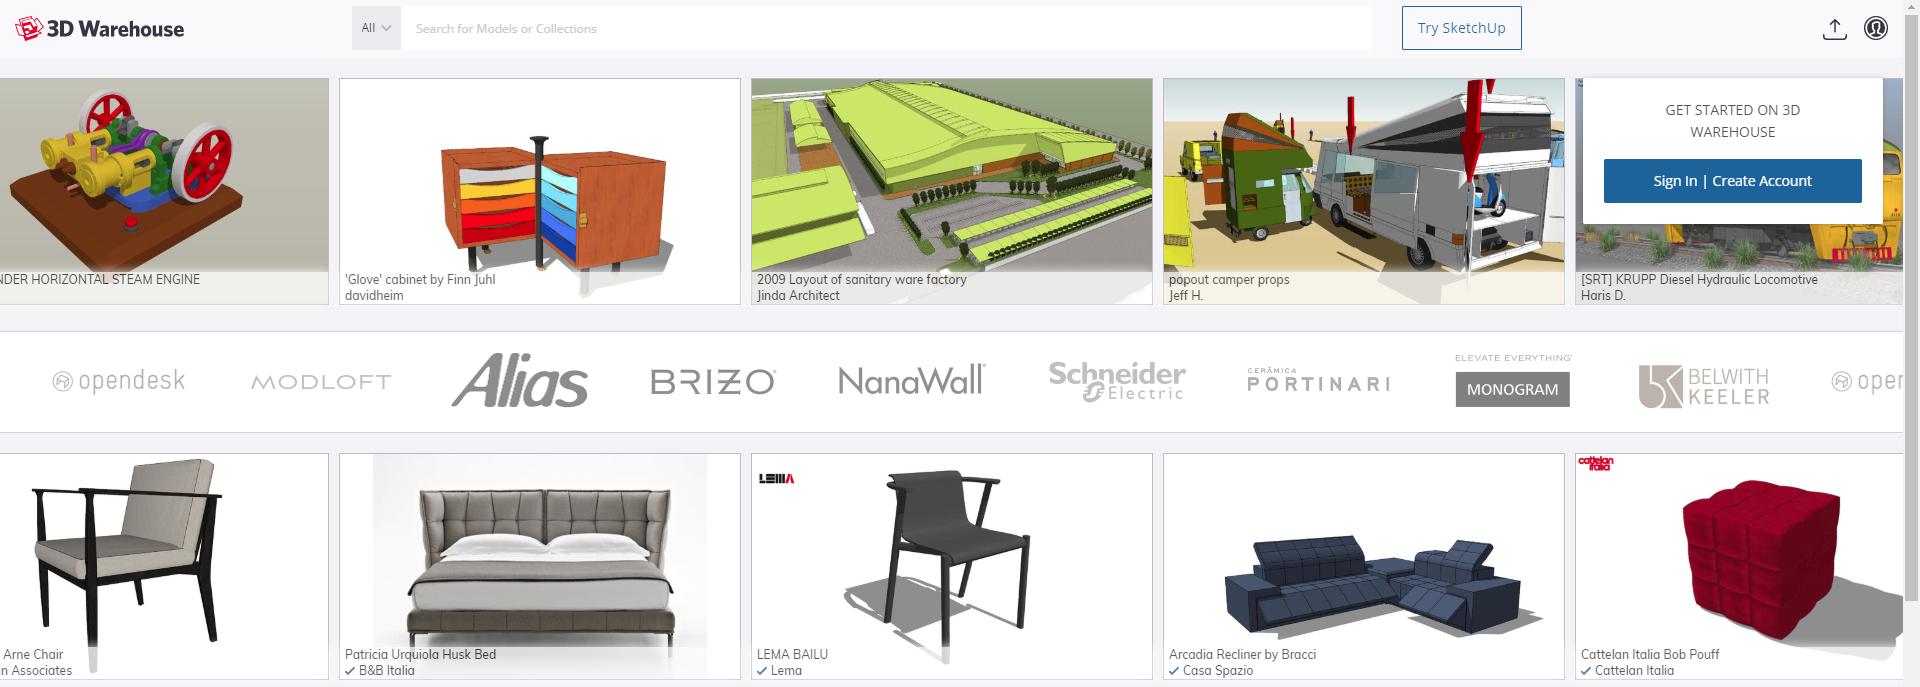 Nu: Downloaden van 3D Warehouse alleen mogelijk met een account